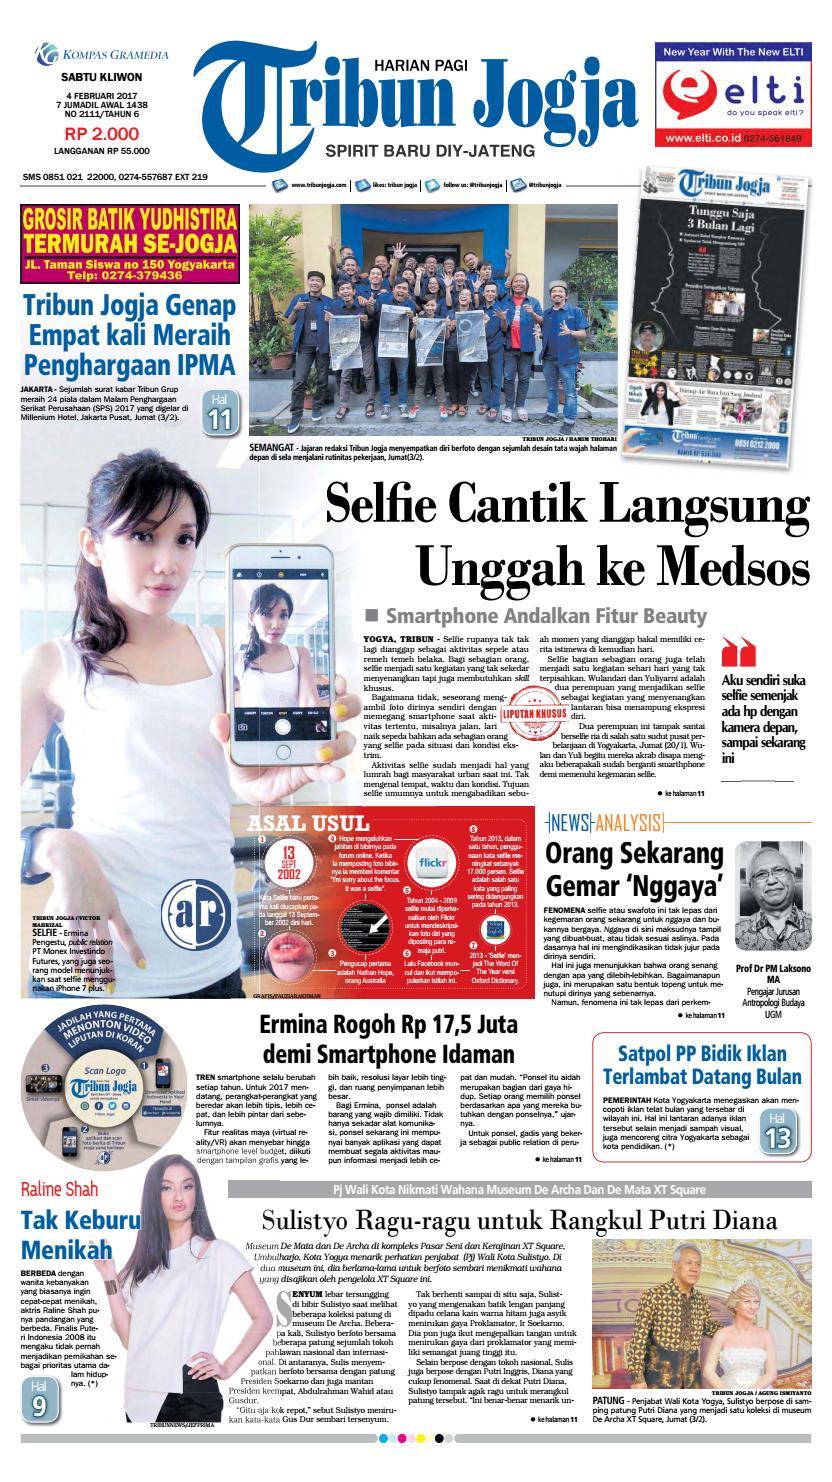 Tribunjogja 26 02 2015 By Tribun Jogja Issuu Fcenter Meja Rias Siantano Mr 905 Jawa Tengahdiyjawa Timur 04 2017